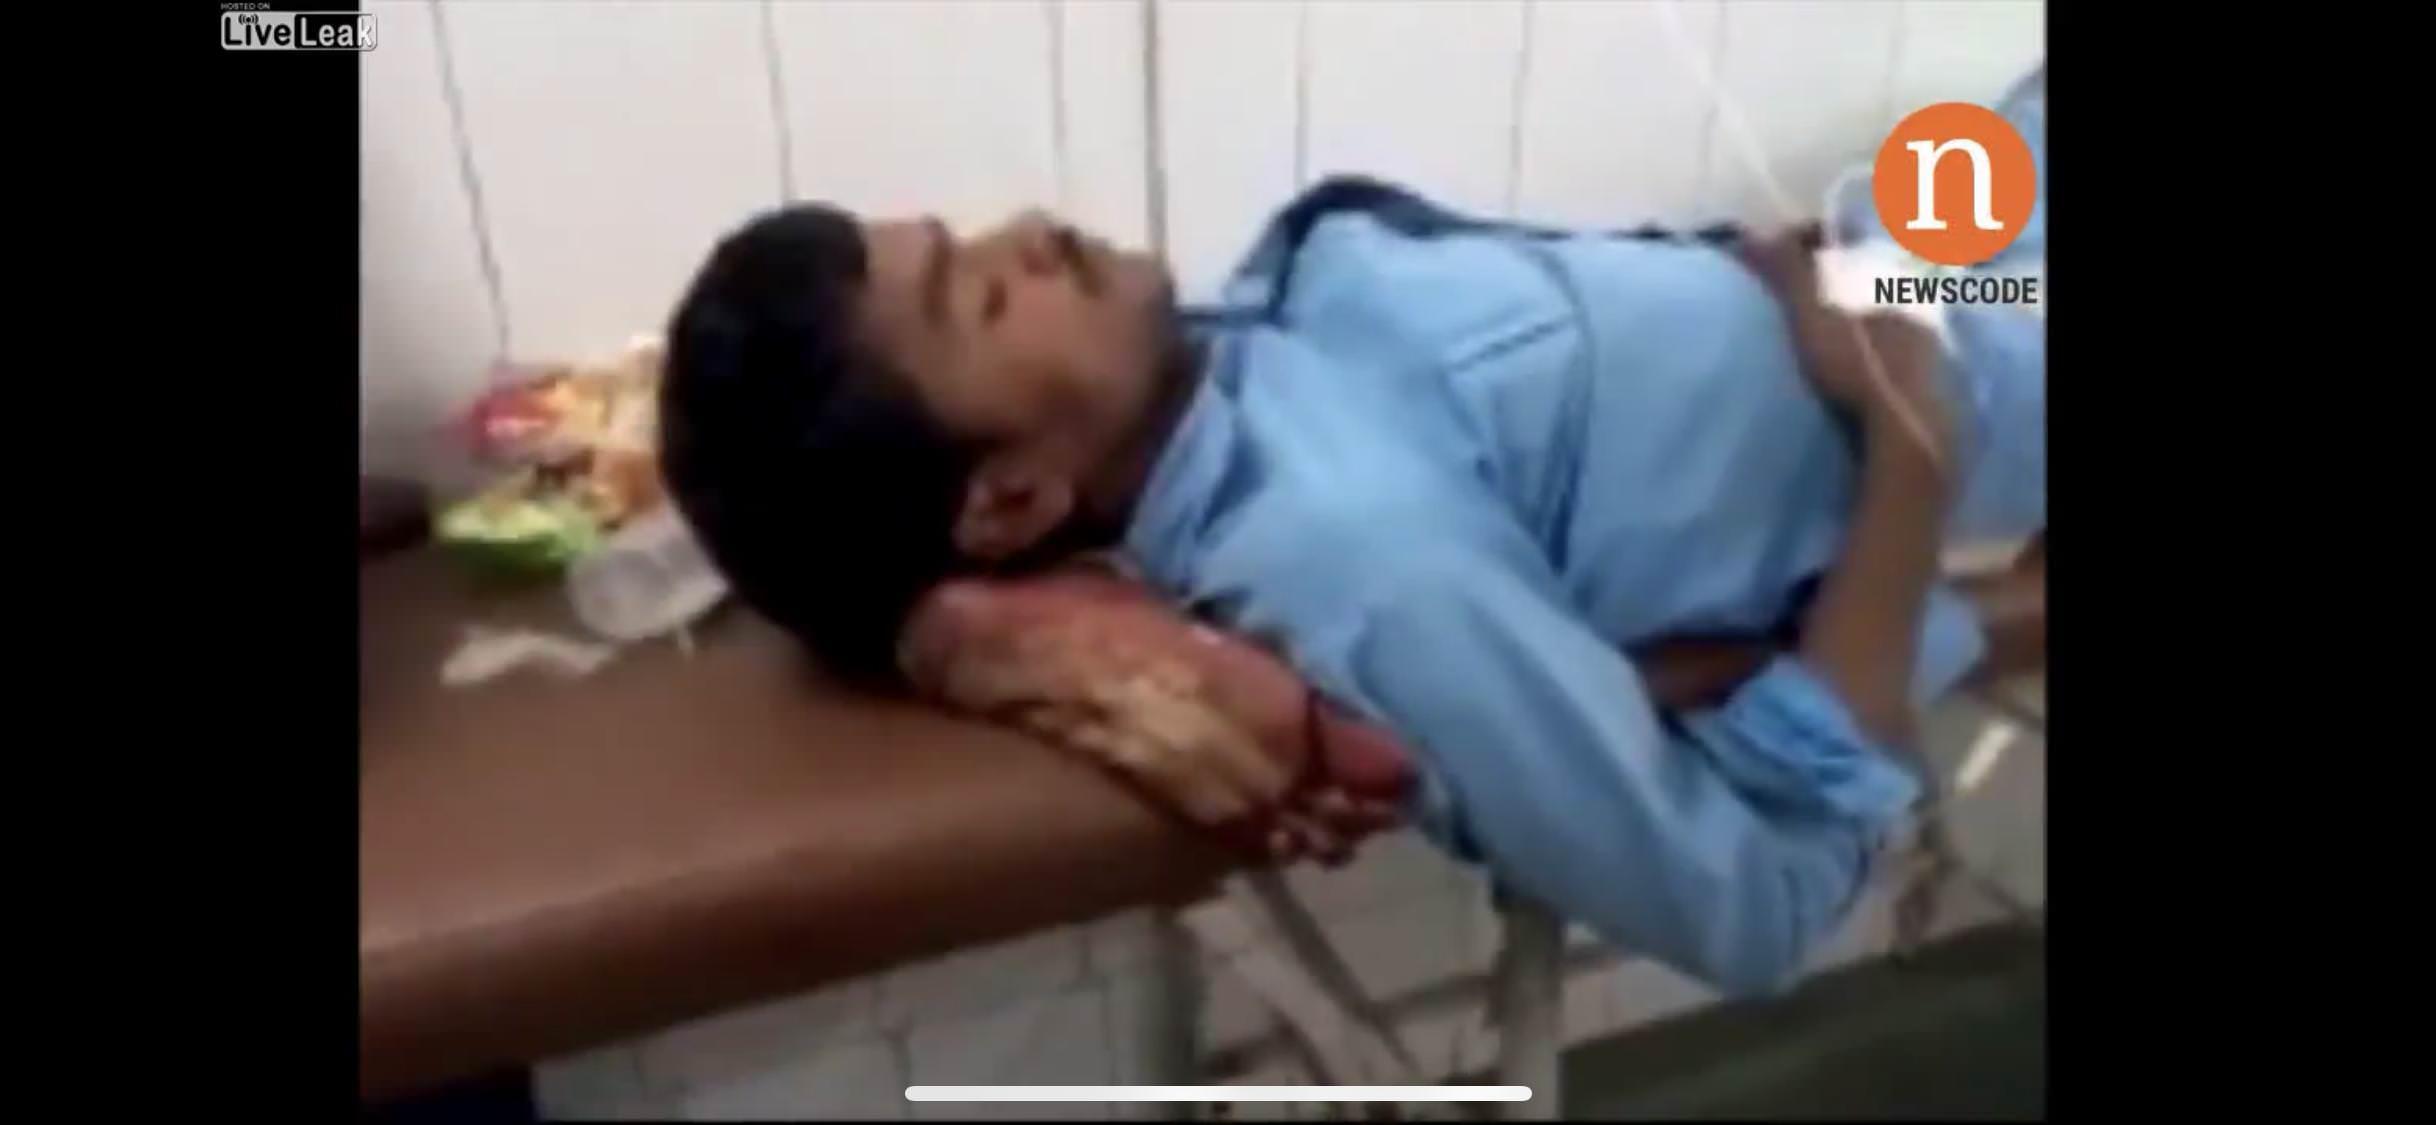 インド人医師「枕足りないなぁ いま切断した足でいいか」→定職処分